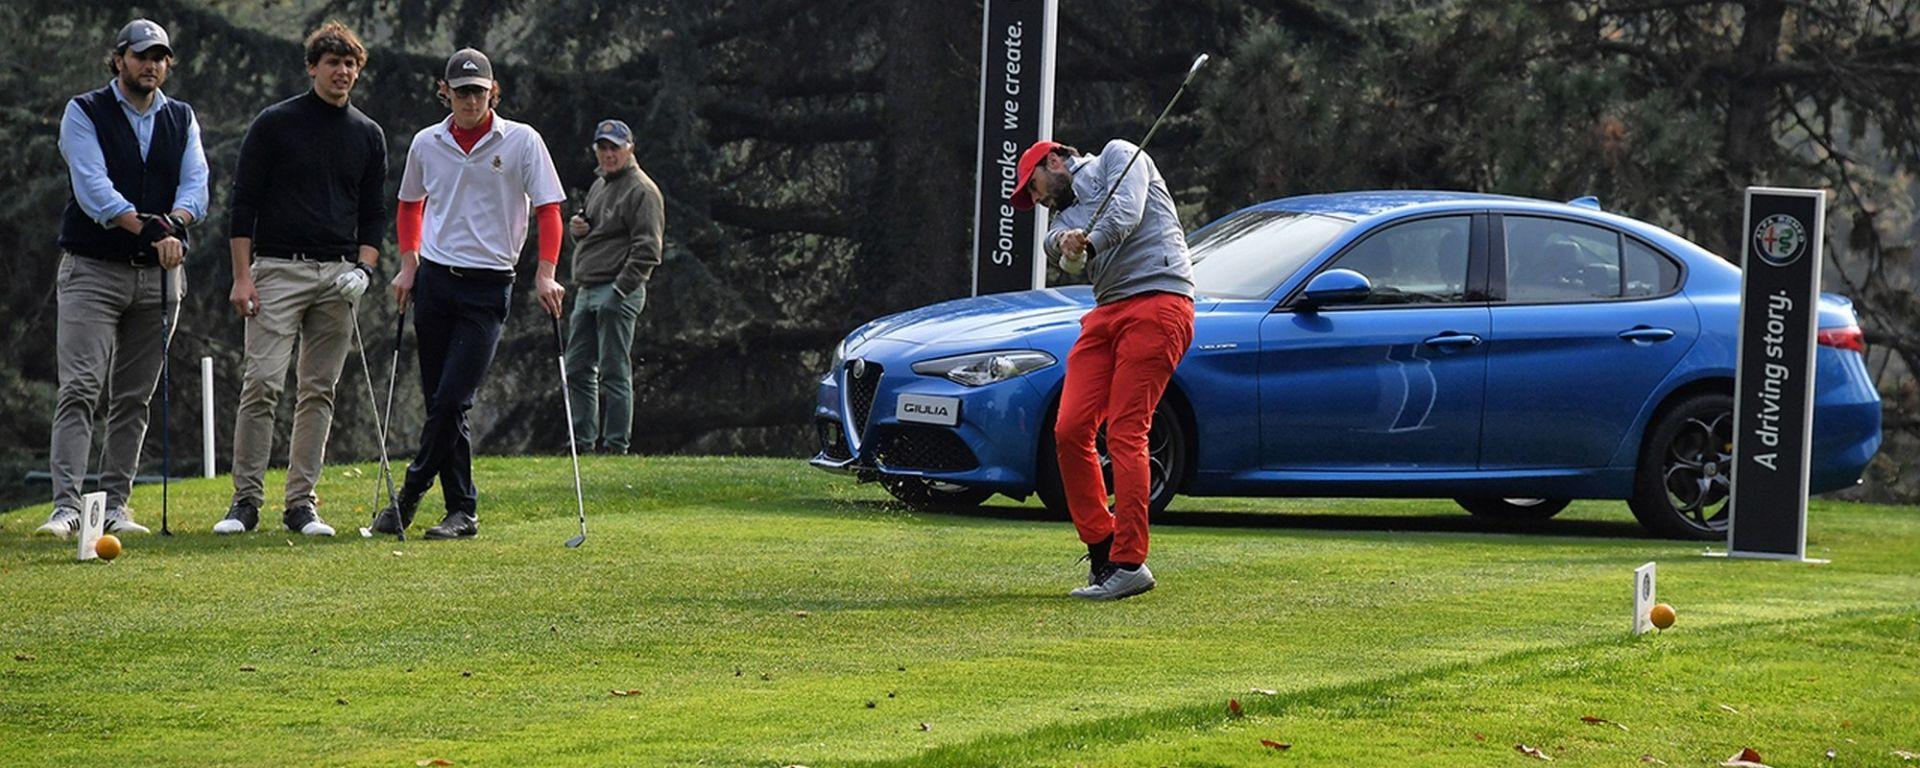 Alfa Romeo Golf Challenge a Villa d'Este (Como)